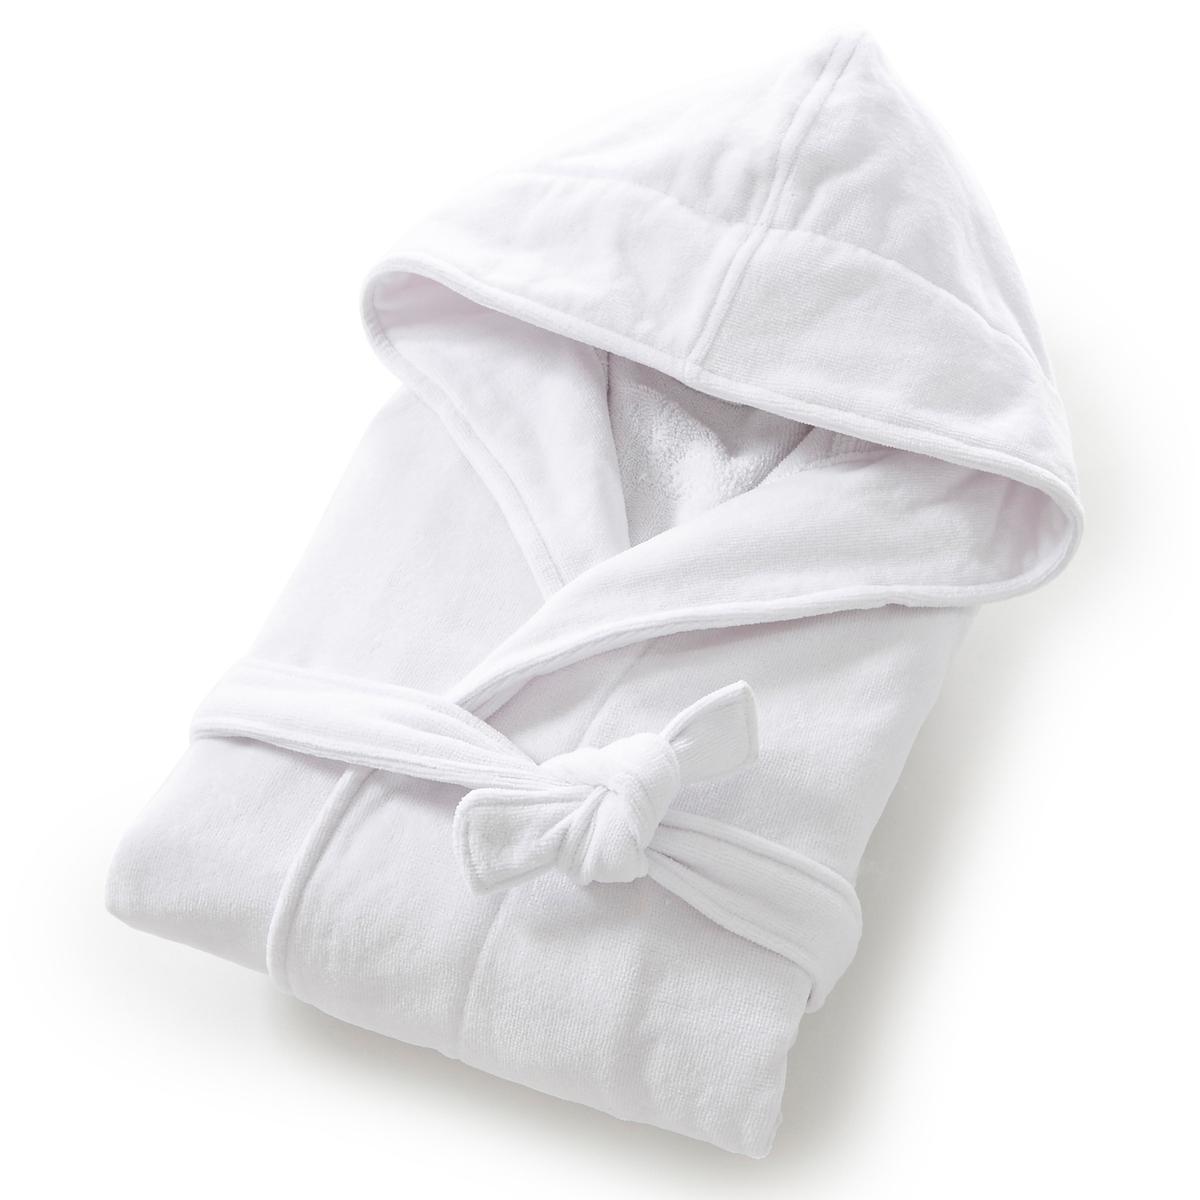 Халат, махровая велюровая ткань, 450 г/м?, качество BestХарактеристики халата с капюшоном из махровой ткани :Высококачественная махровая ткань, 100% хлопок, 450 г/м?.Махровая ткань букле внутри, мягкая и шелковистая махровая велюровая ткань снаружи.Капюшон, рукава реглан, 2 кармана с прострочкой, пояс со шлевками.Длина 110-113 см.Материал долго сохраняет мягкость и прочность. Превосходная стойкость цвета после стирки при 60 °C.Машинная сушка.<br><br>Цвет: белый,розовая пудра,синий морской